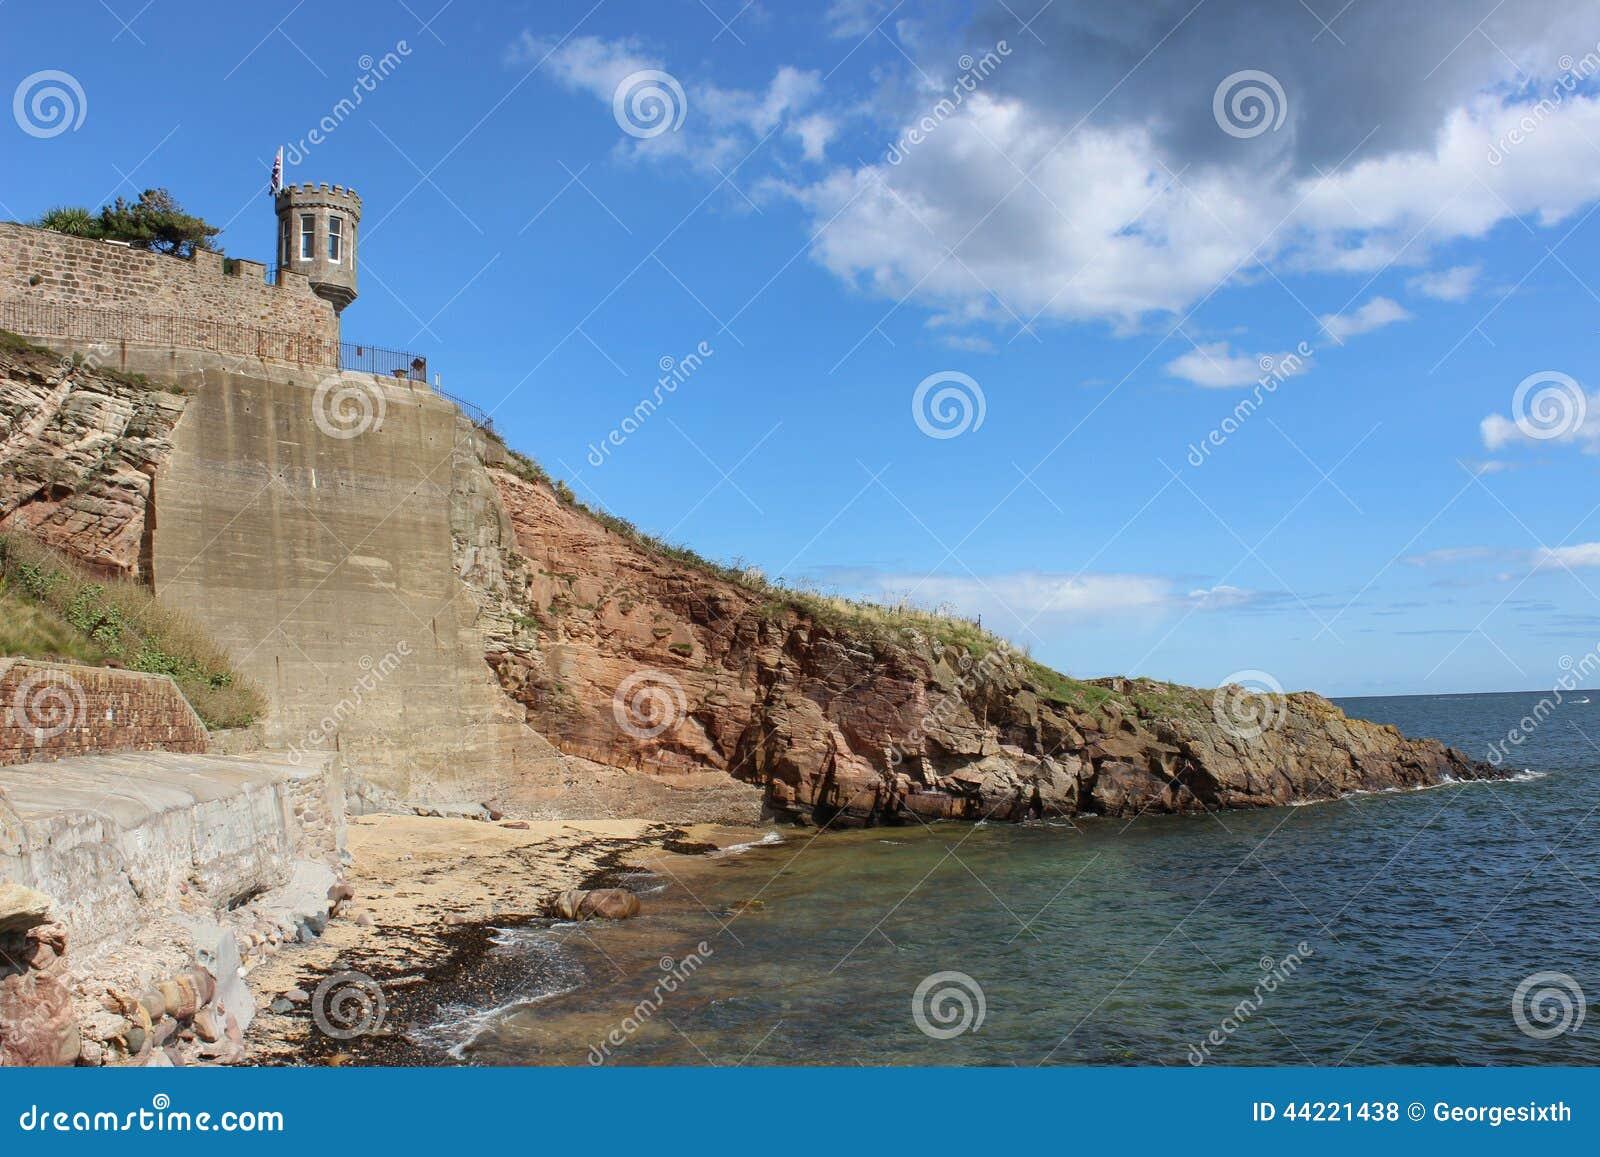 Kustlijn van Crail-haven, Fife, Schotland